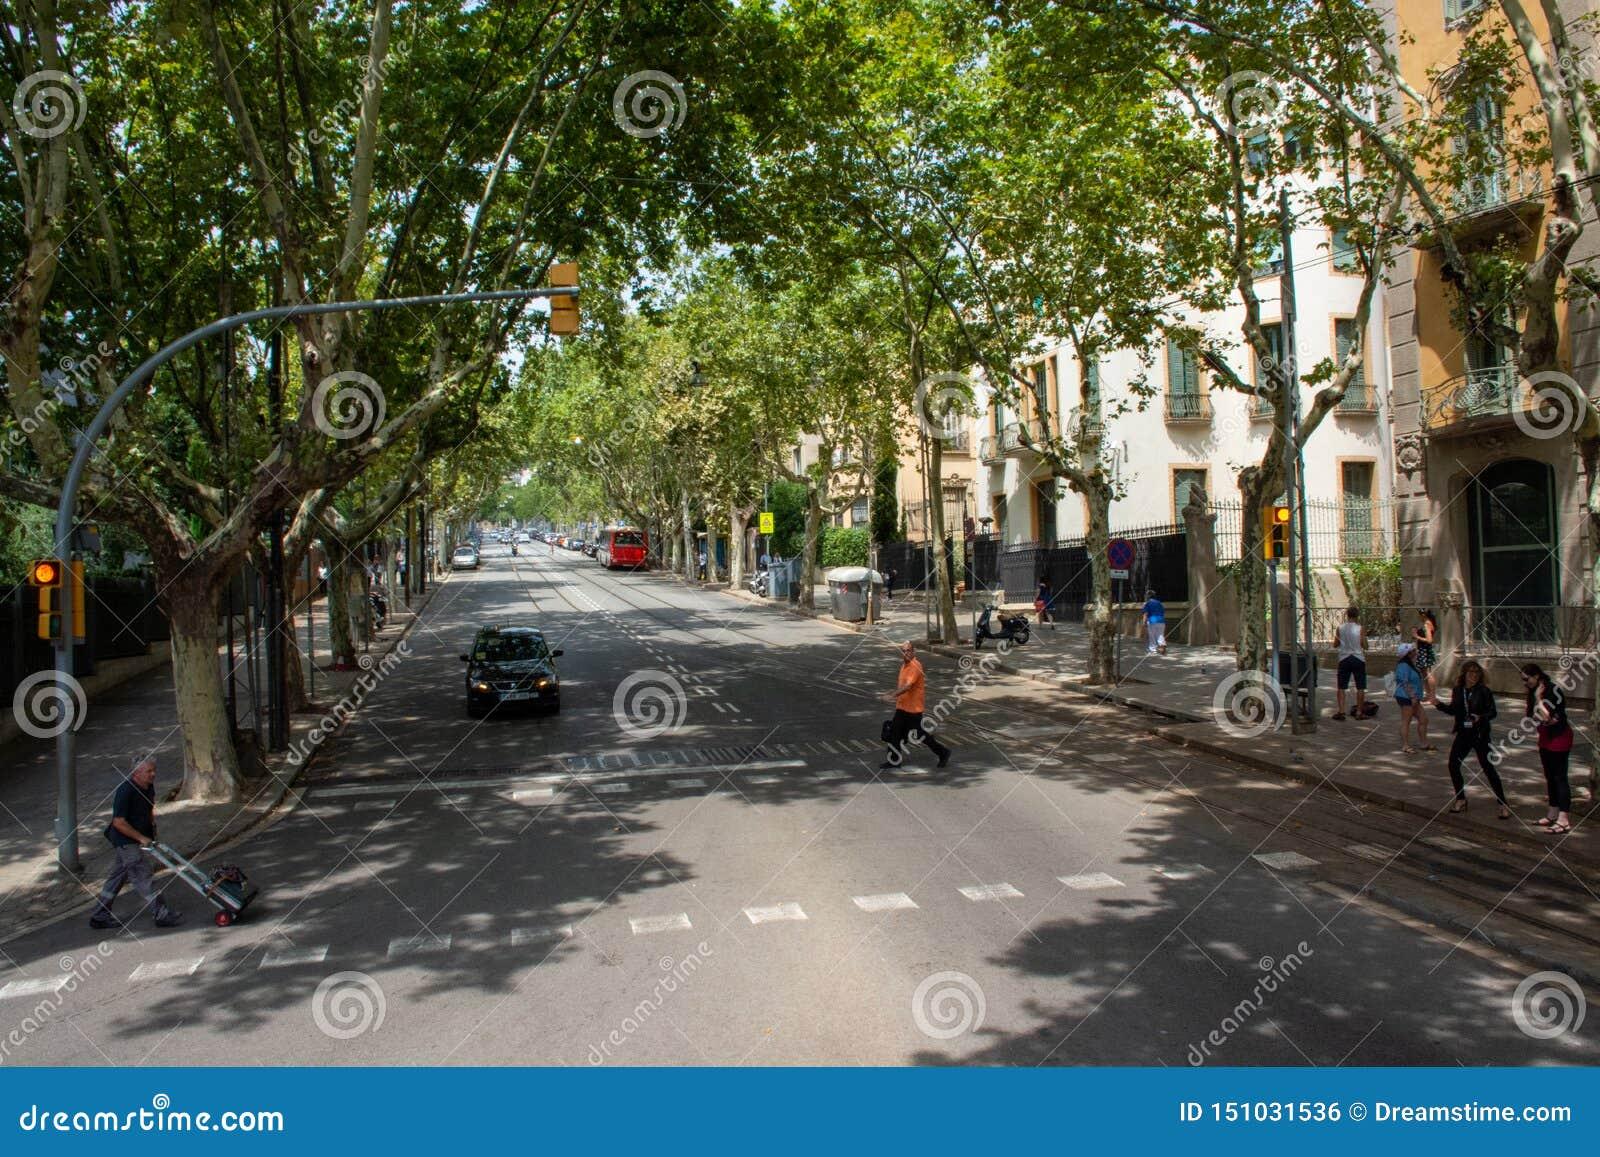 Calle muy transitada con los peatones que esperan para cruzar el camino de Barcelona